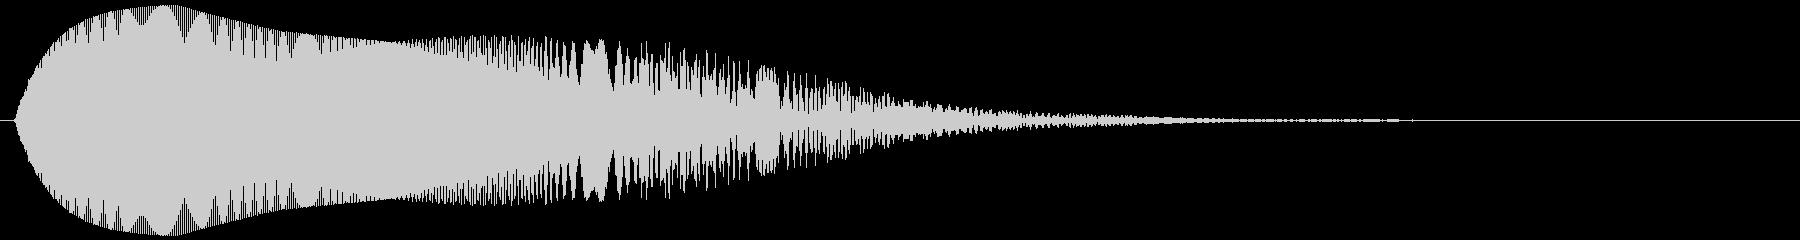 柔らかいもの (低め)ポヨヨーンの未再生の波形